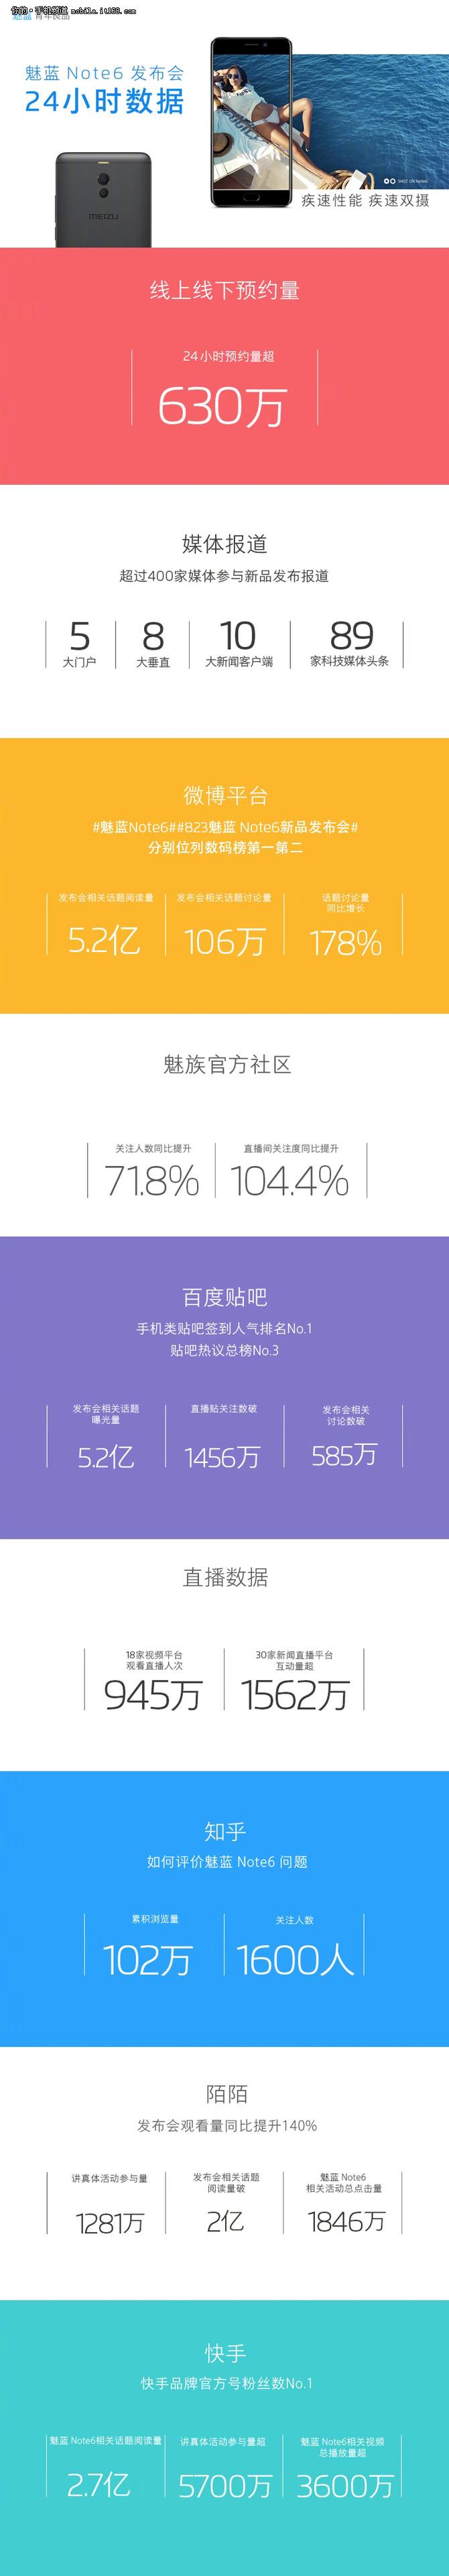 魅蓝Note6火了 24小时预约量达630万